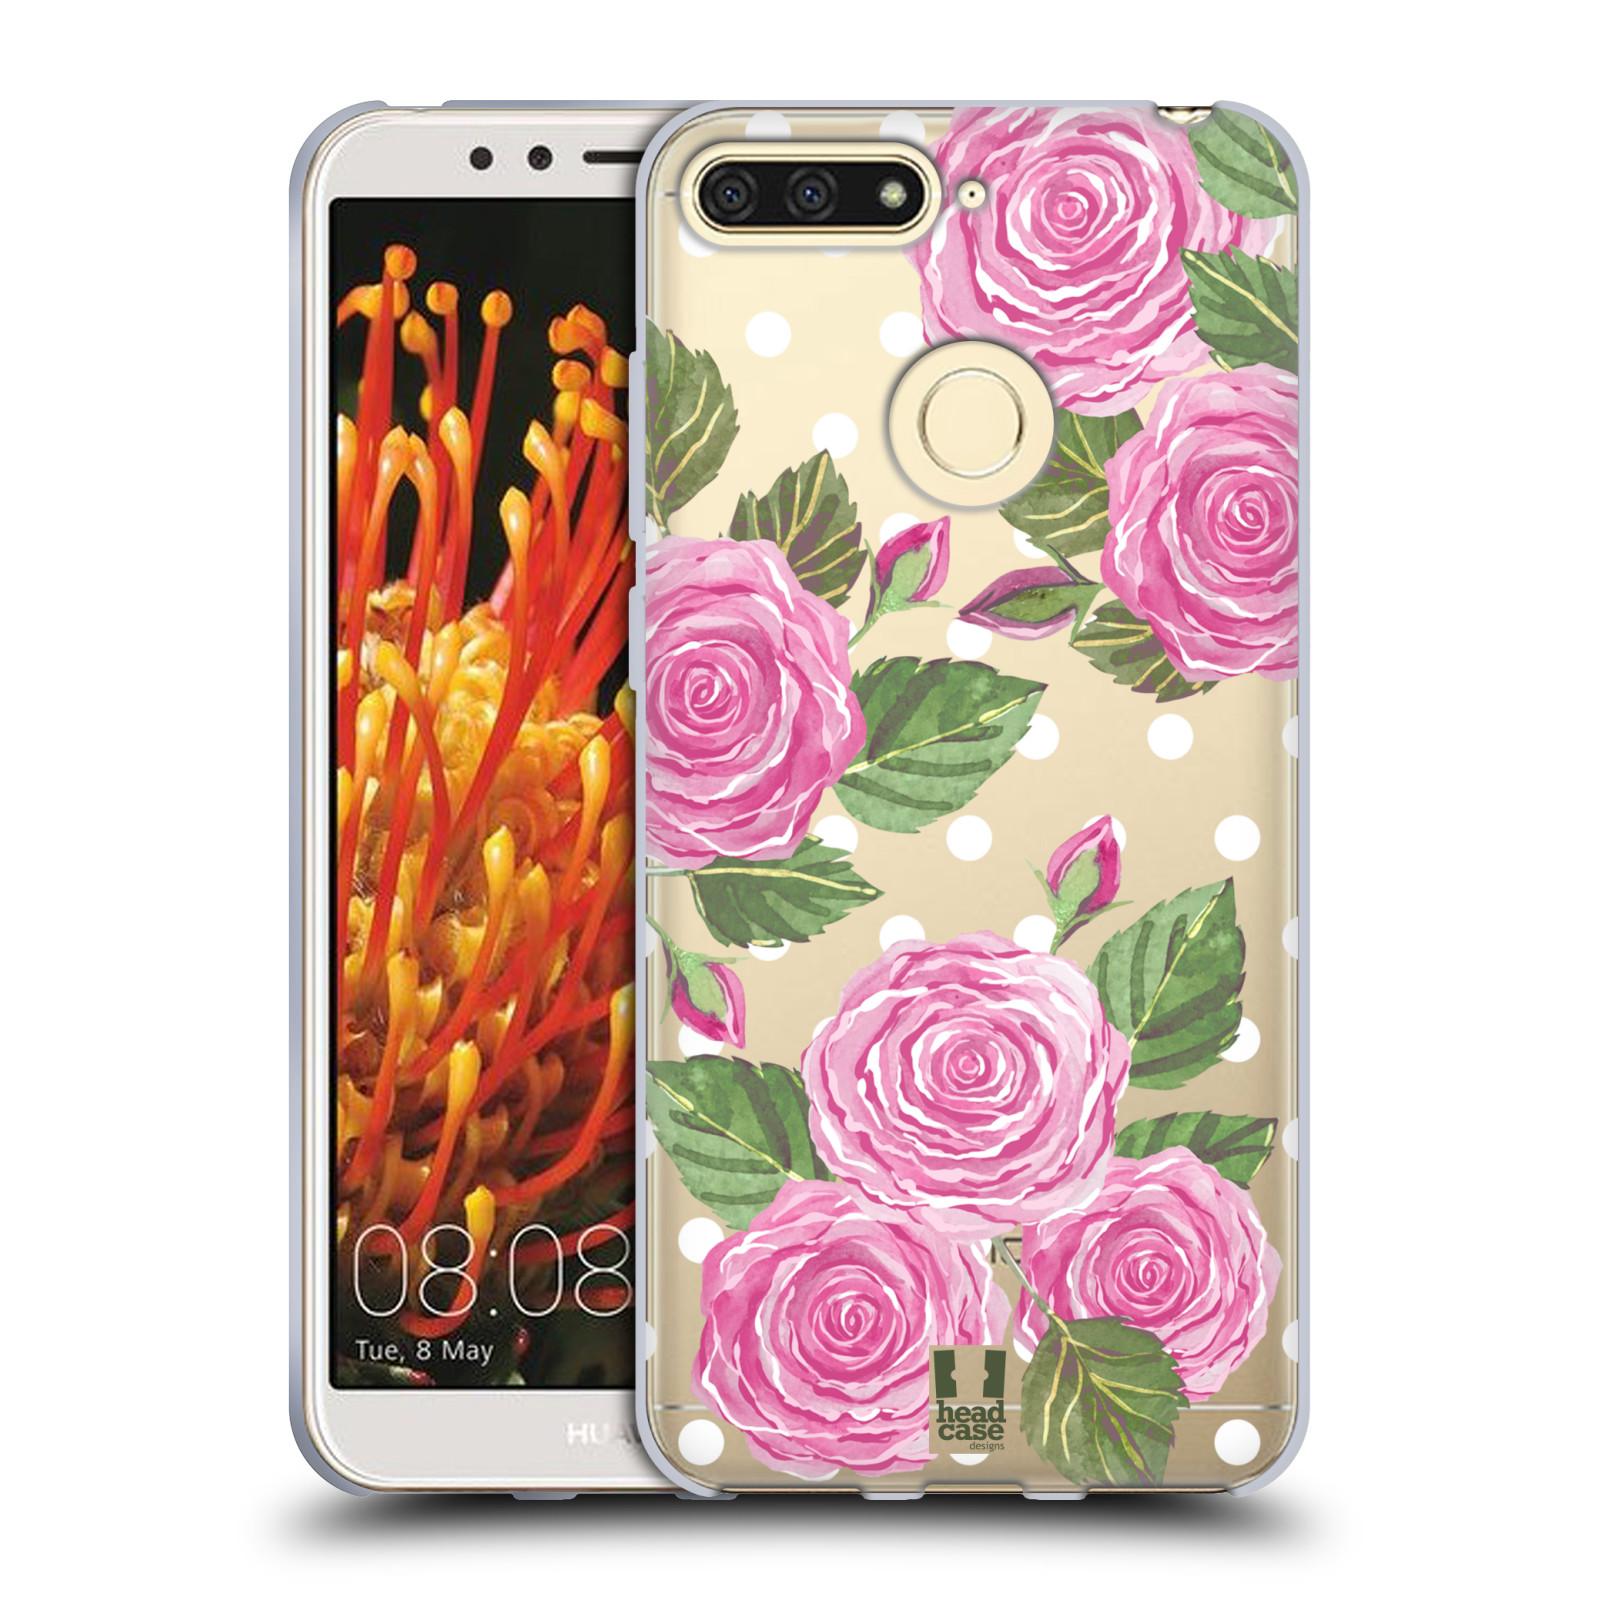 Silikonové pouzdro na mobil Huawei Y6 Prime (2018) - Head Case - Hezoučké růžičky - průhledné